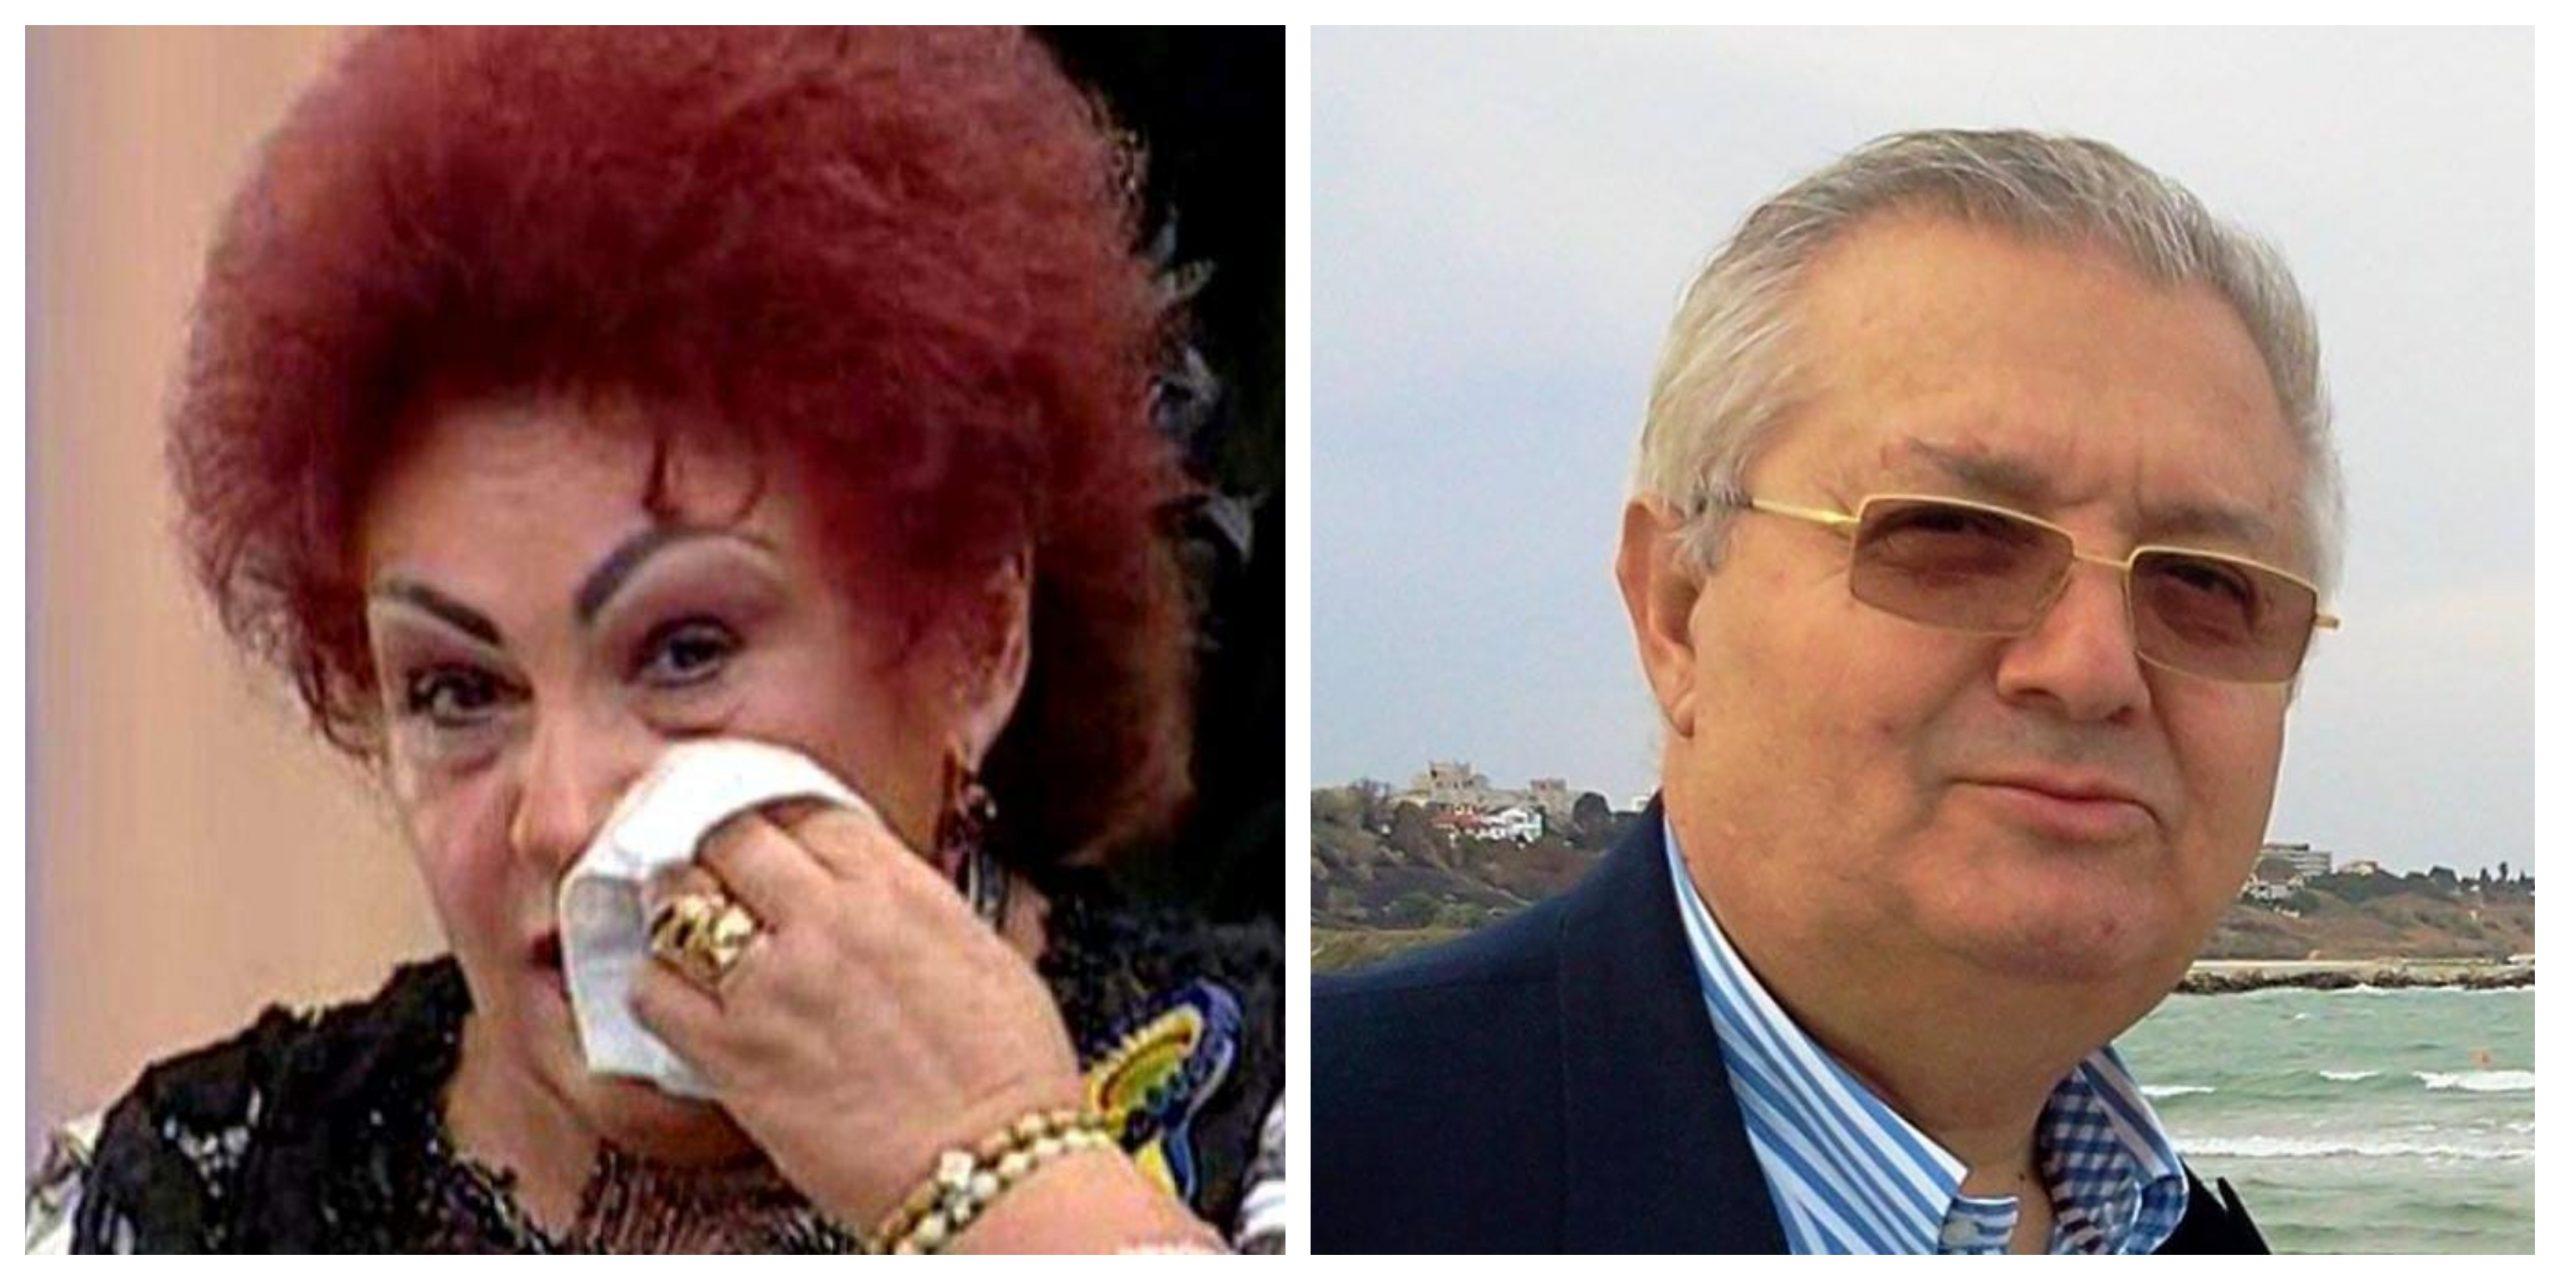 Elena Merișoreanu, mărturisiri din căsnicie. A devenit prietenă cu amanta soțului